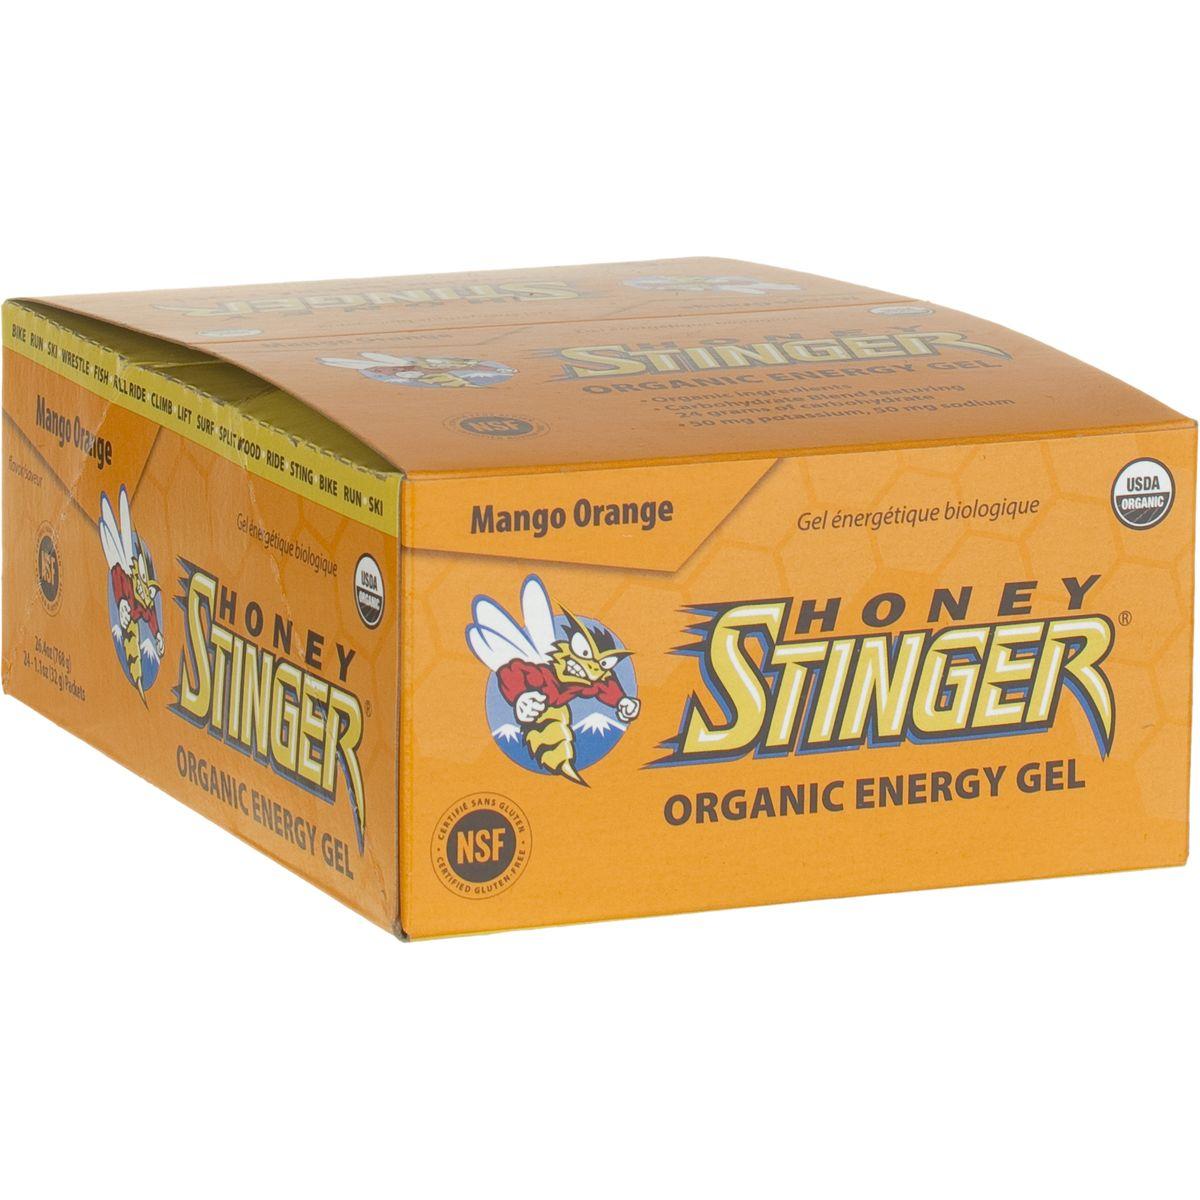 Honey Stinger Organic Energy Gel